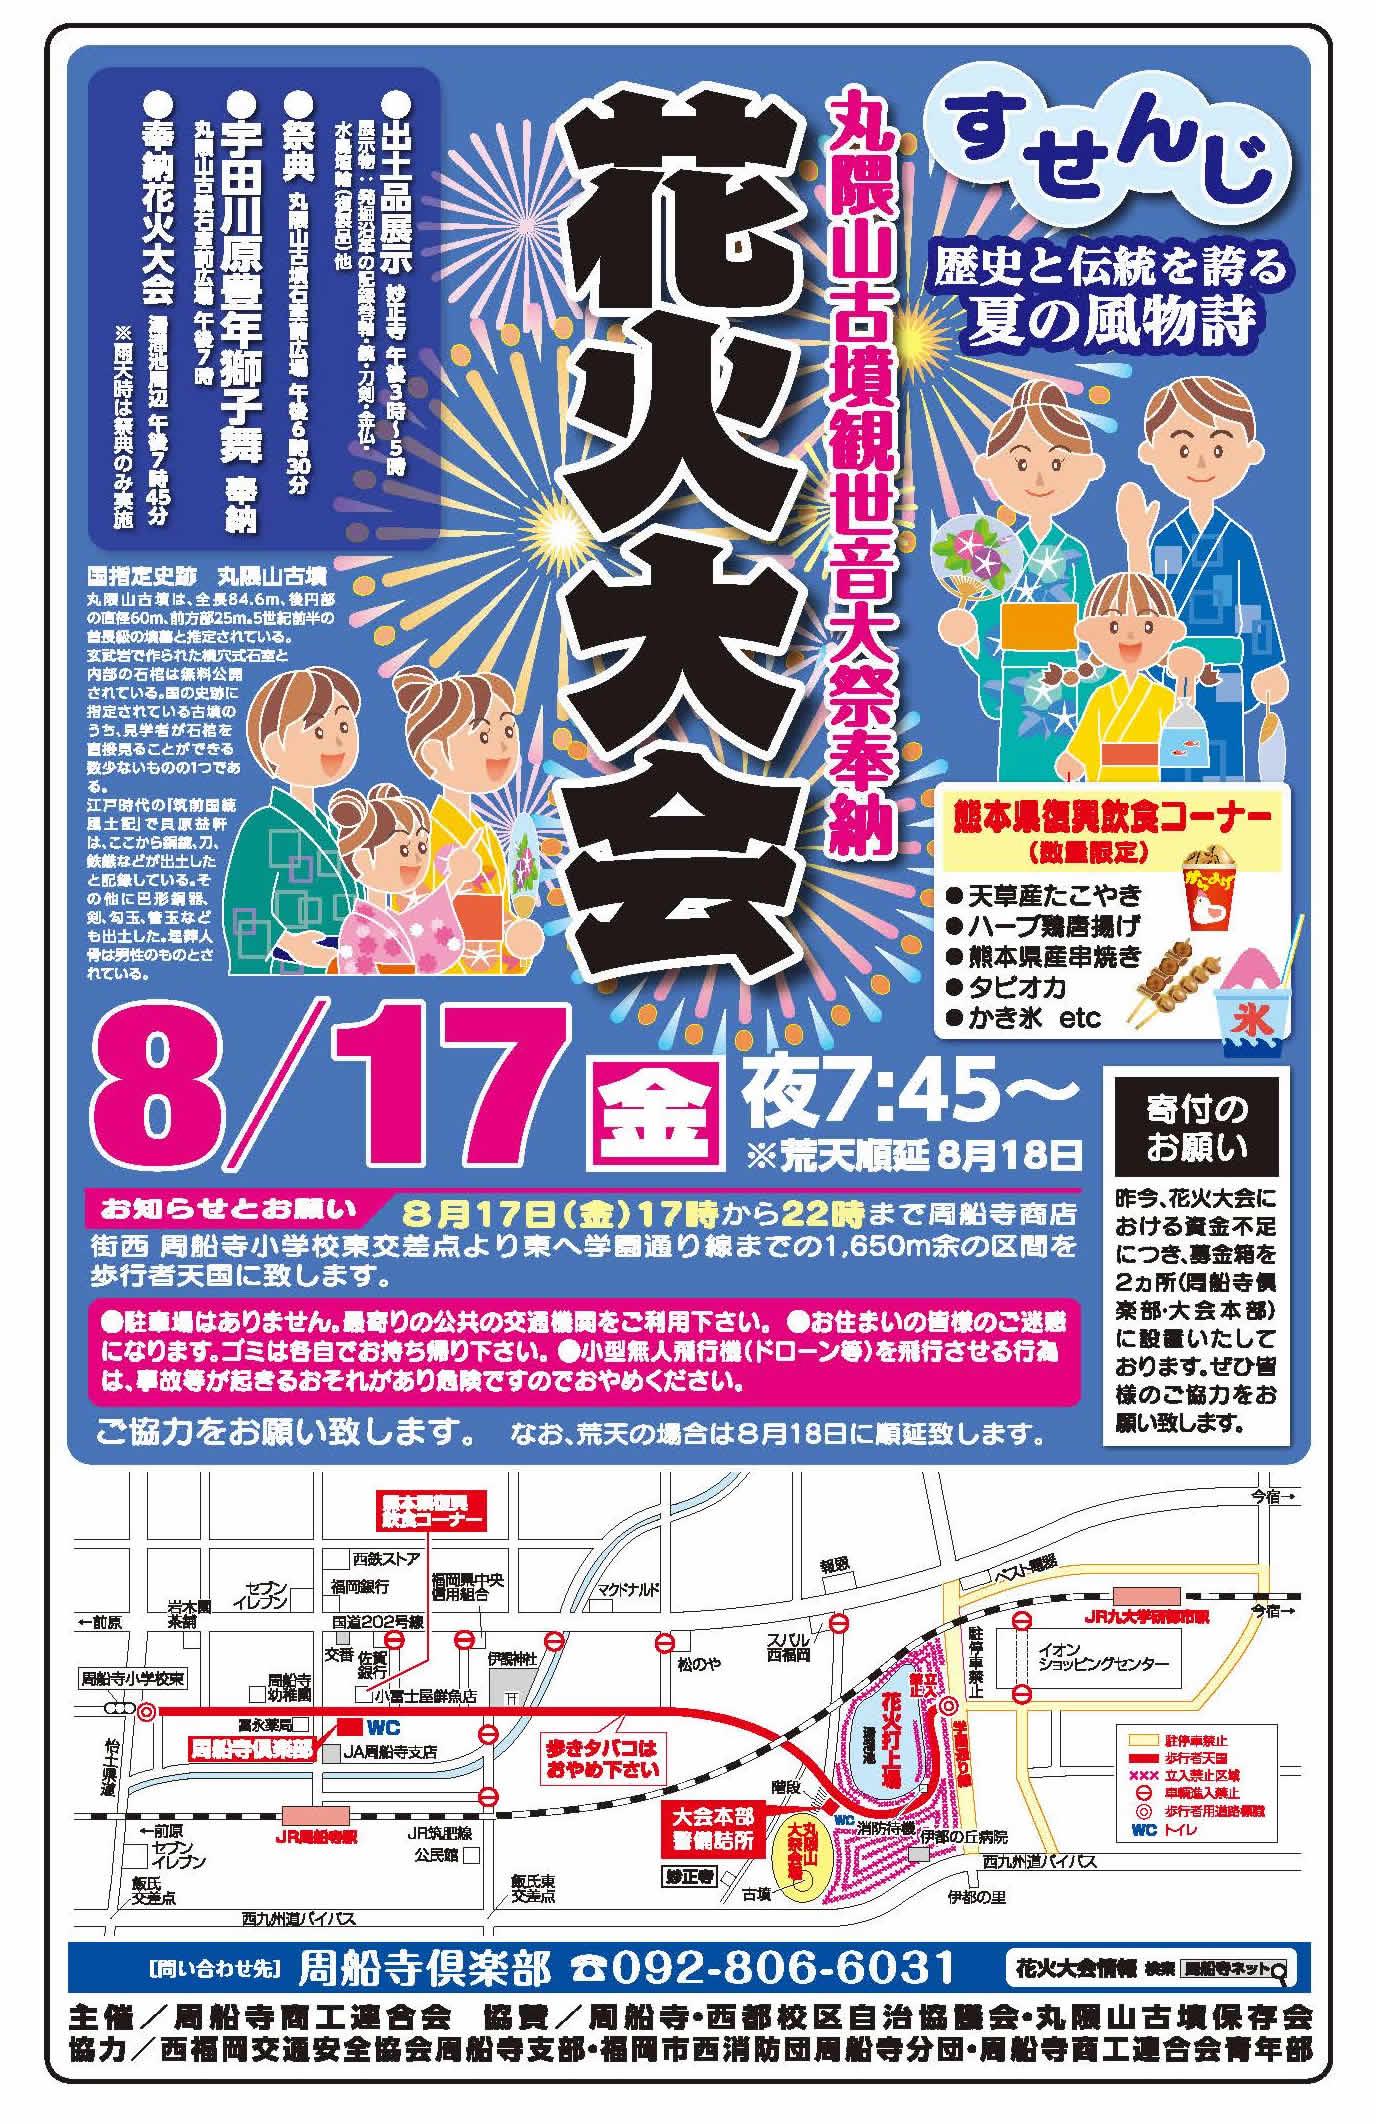 周船寺花火大会2018(丸隈山古墳観世音大祭奉納花火大会)